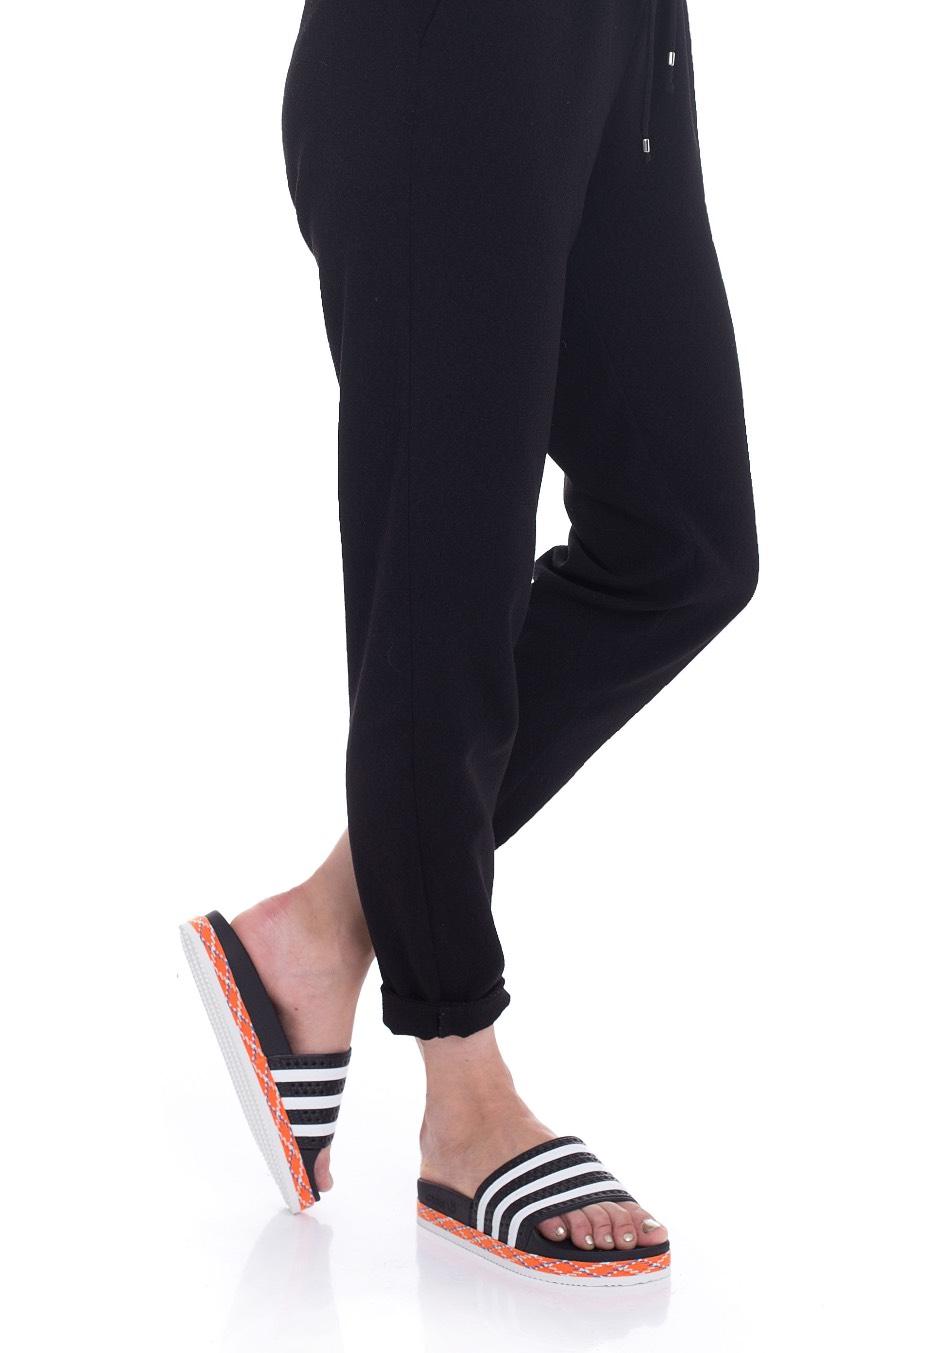 2f265e32200087 ... Adidas - Adilette New Bold Core Black White Core Black - Girl Sandals